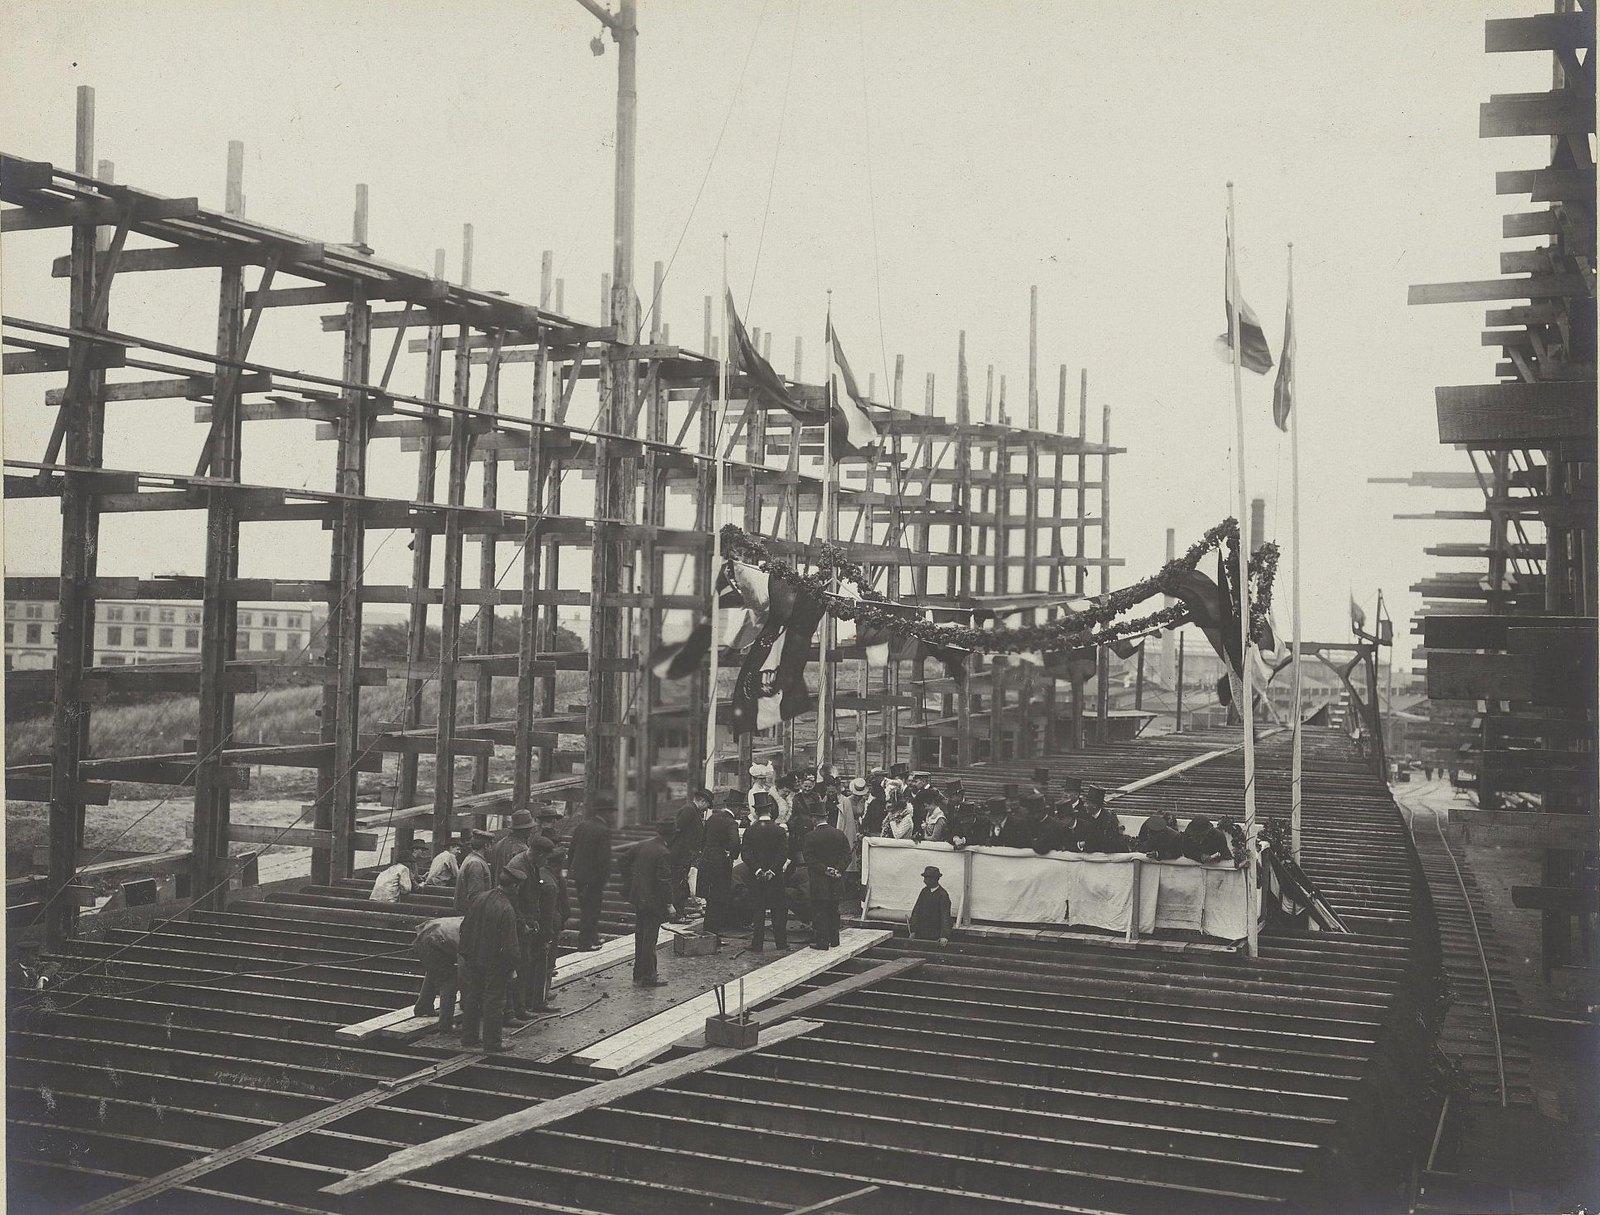 26. Закладка строительства судна «Океан» на машино-судостроительном заводе Говальдтсверке в Киле. 28 мая 1901 г.